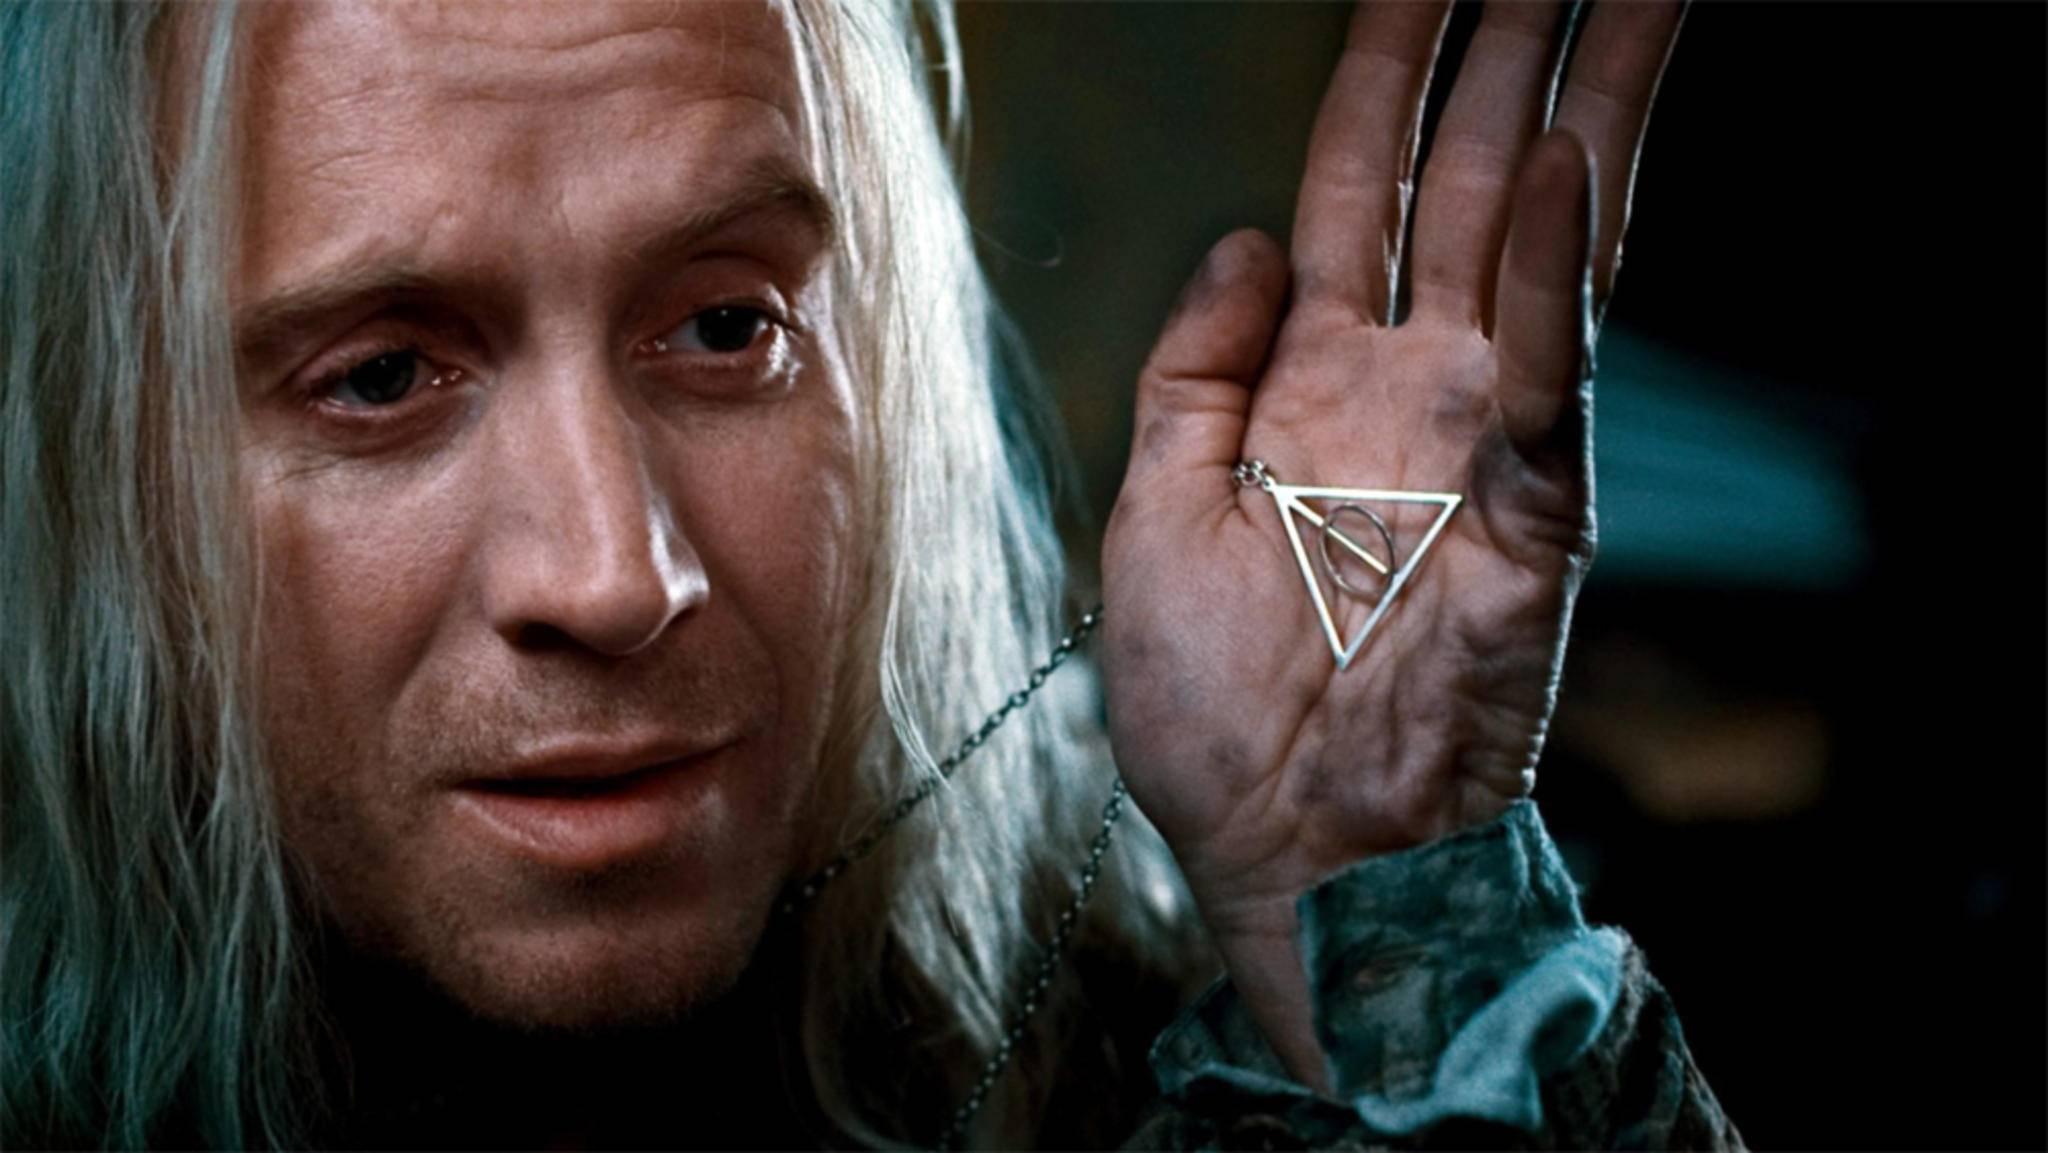 Lunas Vater Xenophilius Lovegood (Rhys Ifans) trägt das Symbol der Heiligtümer des Todes um den Hals.